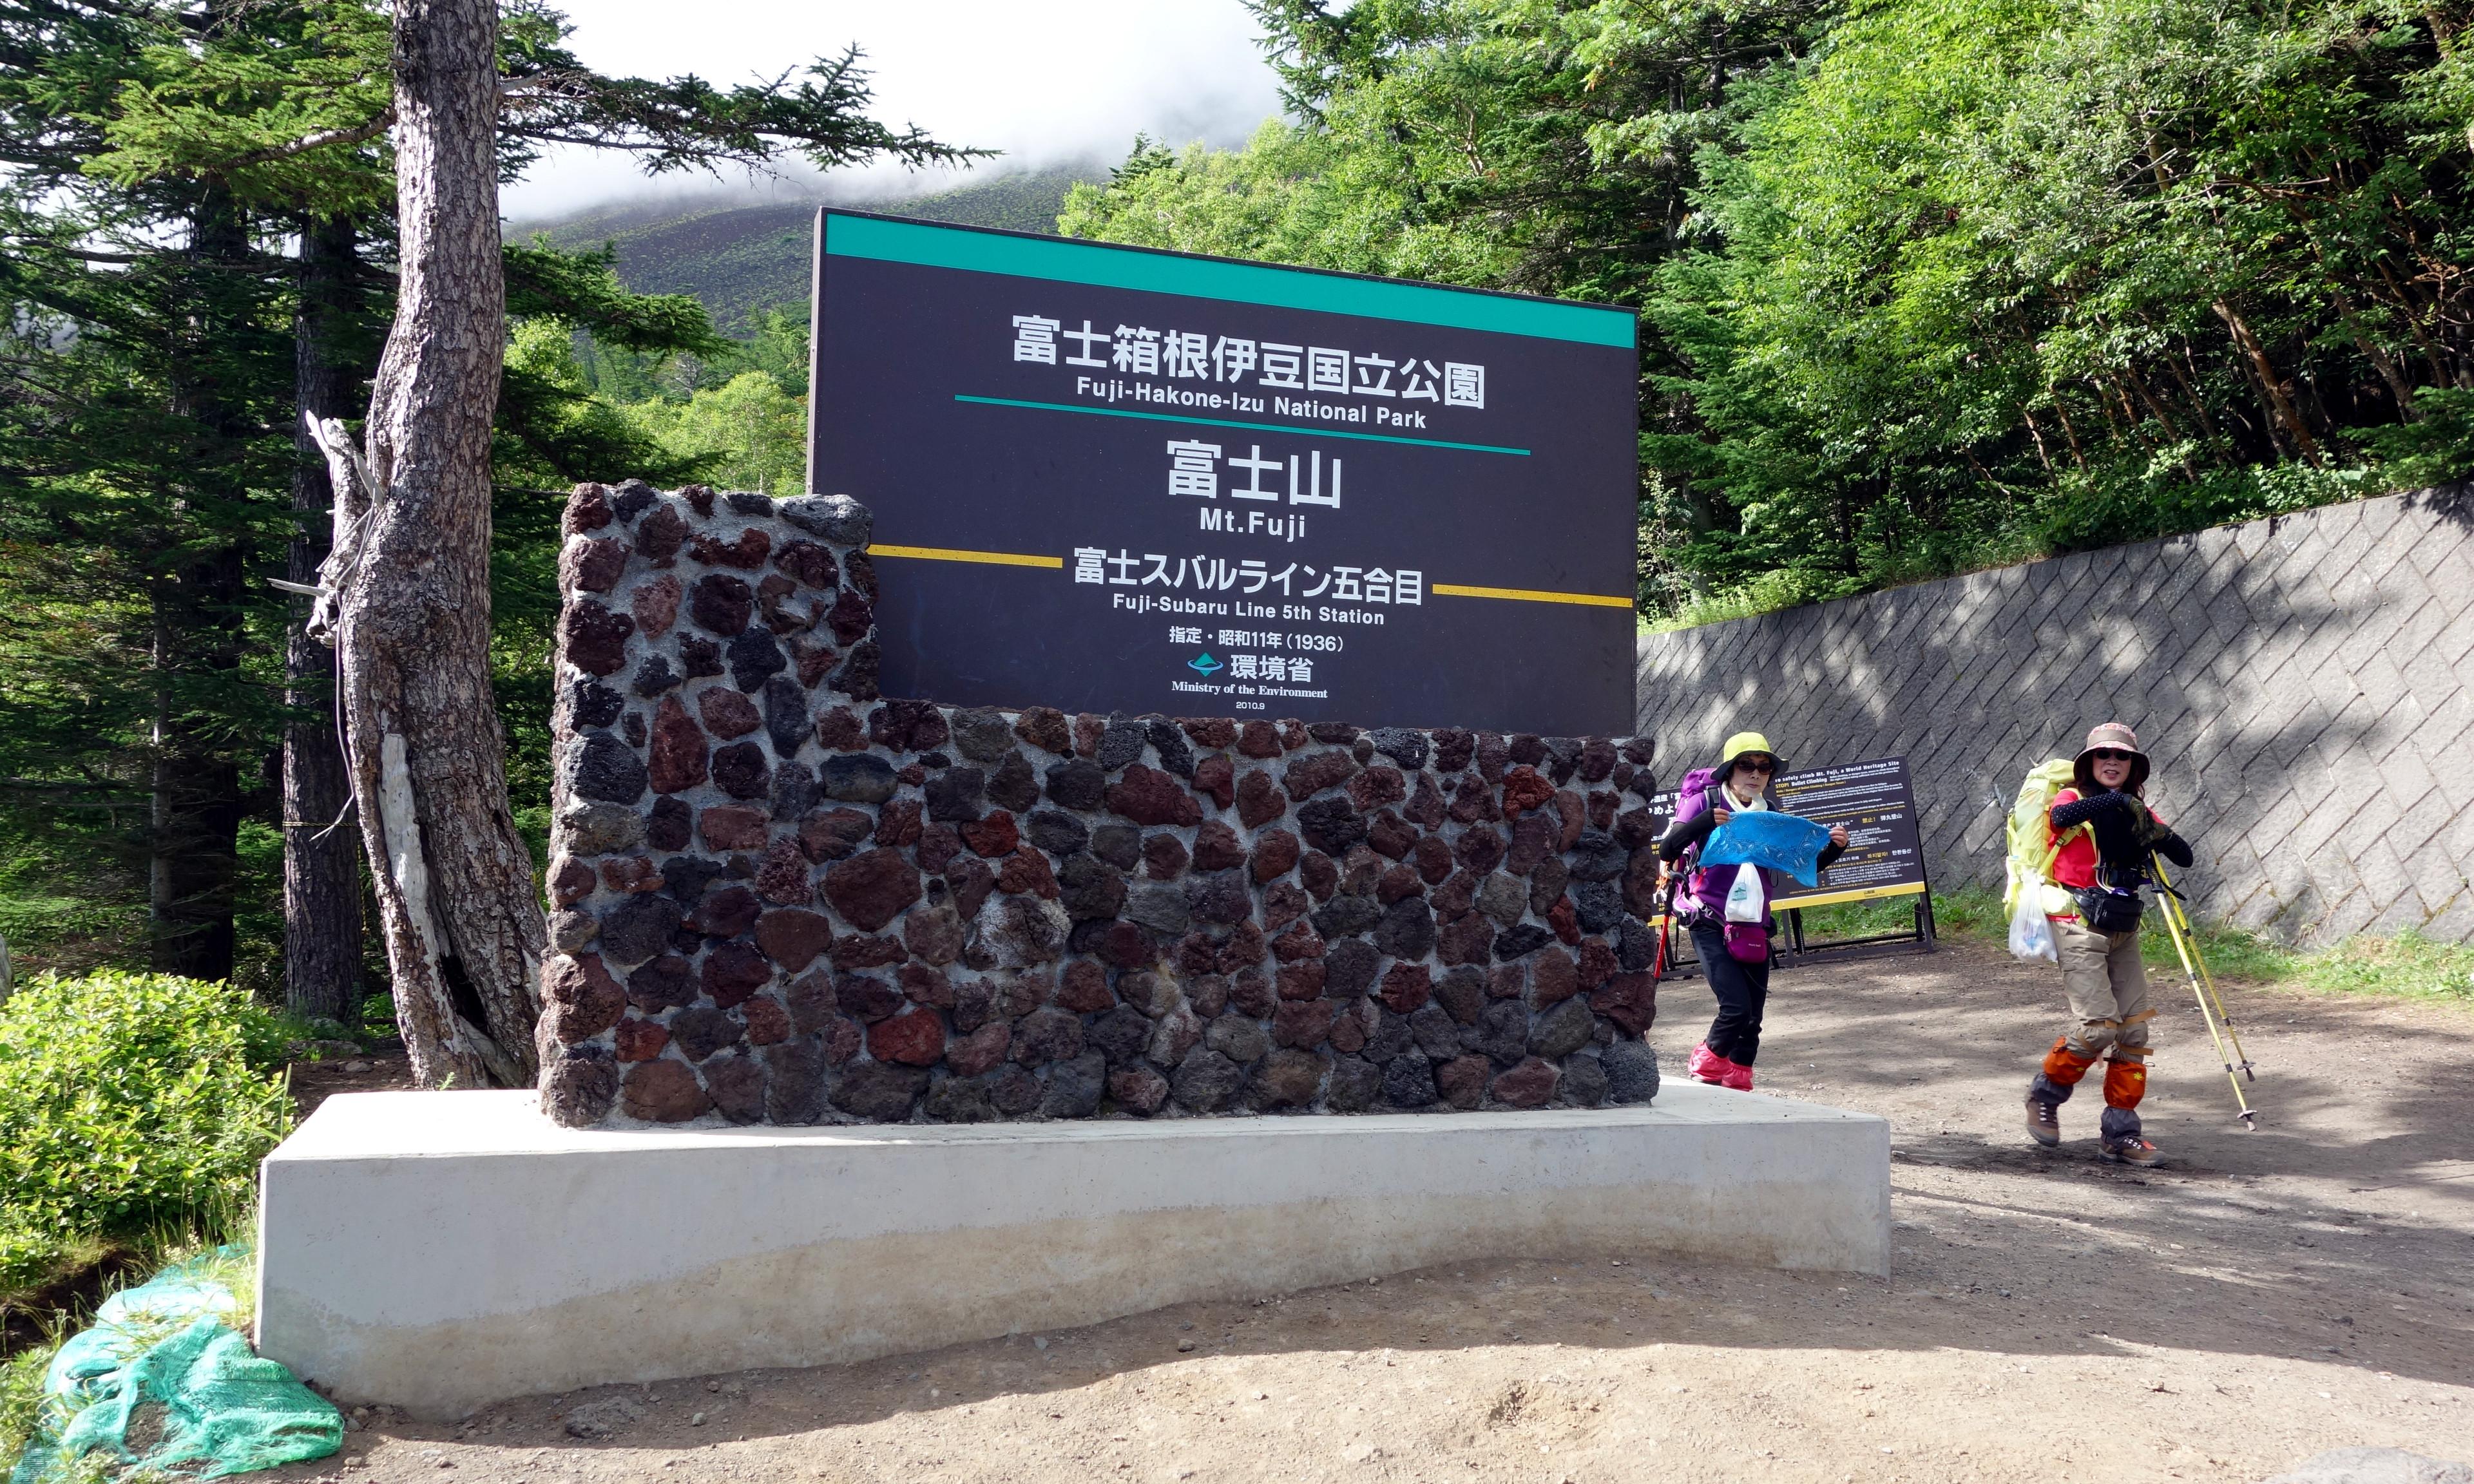 20140807 010139 fujisan entrance after station 5